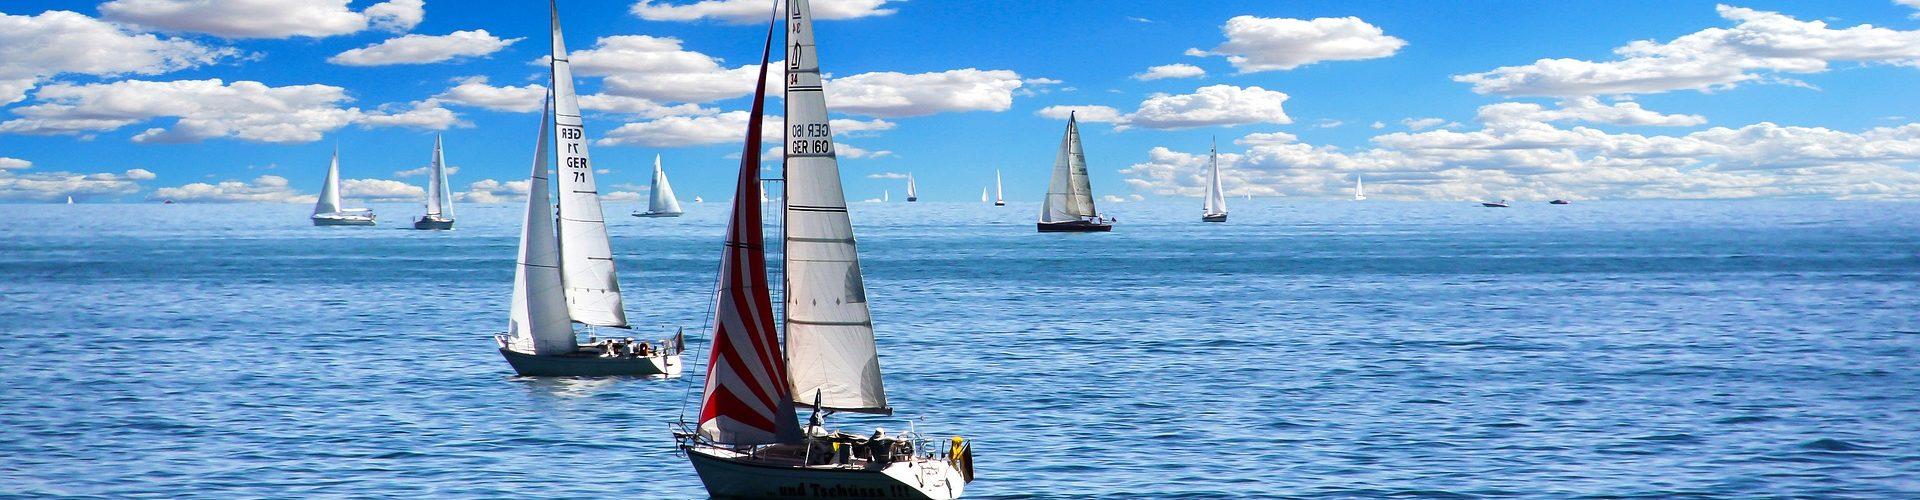 segeln lernen in Dranske segelschein machen in Dranske 1920x500 - Segeln lernen in Dranske